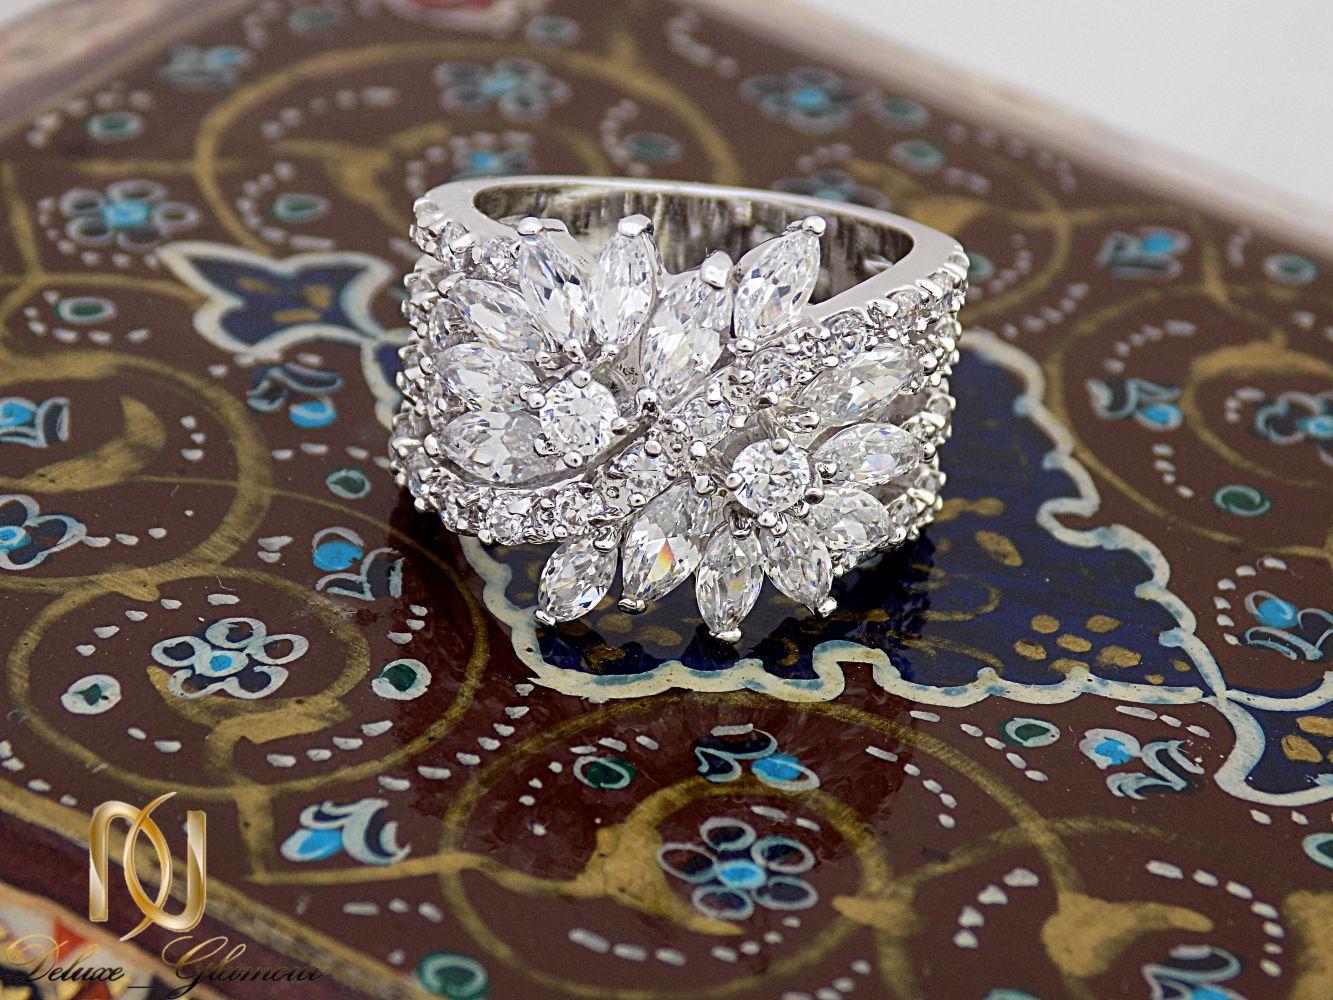 انگشتر زنانه جواهری کلیو با نگین های سواروسکی اصل rg-n235 از نمای نزدیک